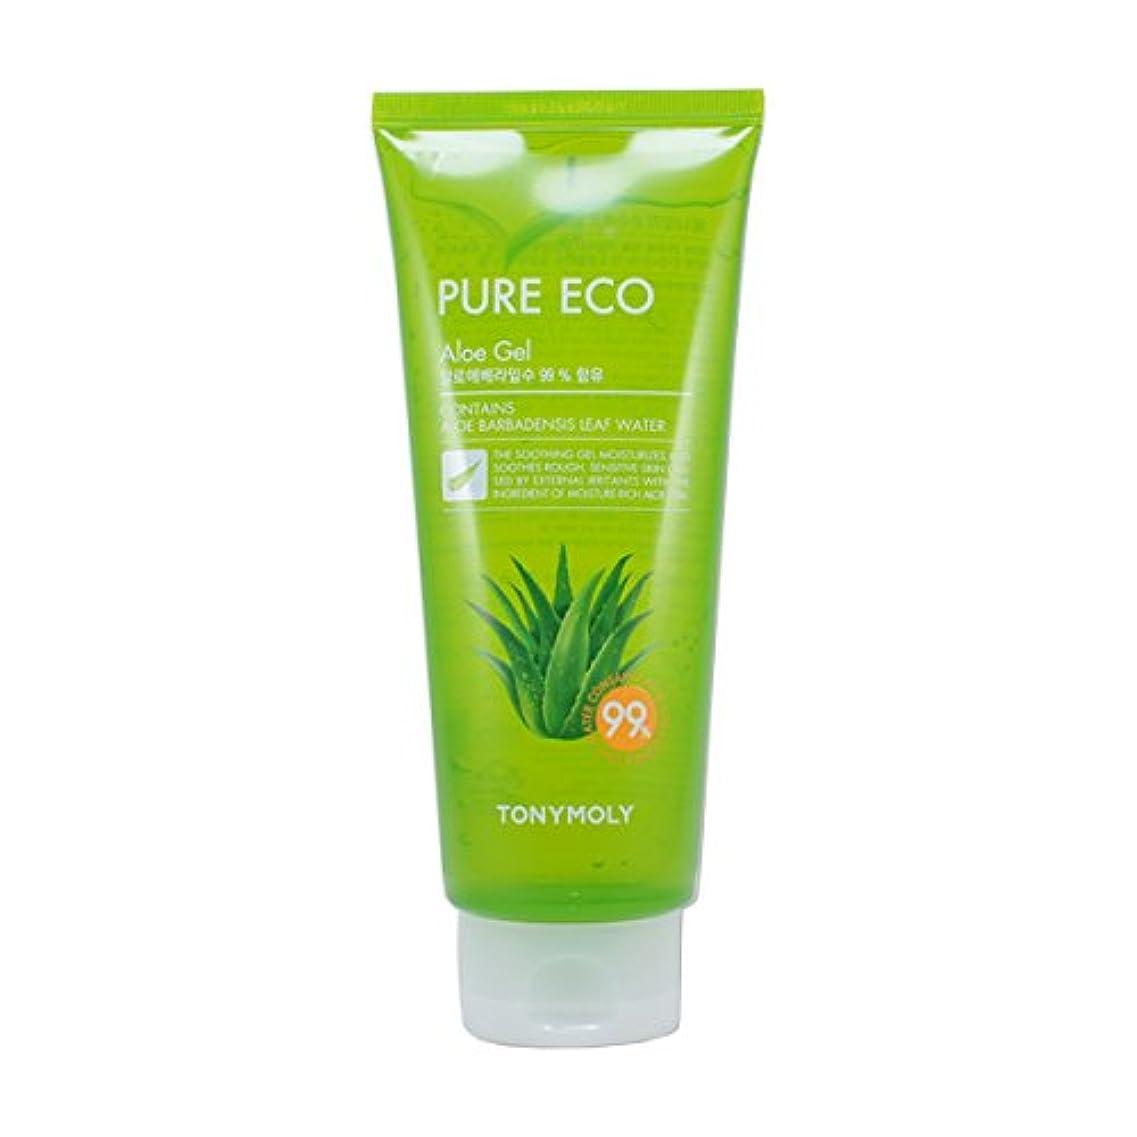 有効化株式何十人も(3 Pack) TONYMOLY Pure Eco Aloe Gel (Tube) (並行輸入品)